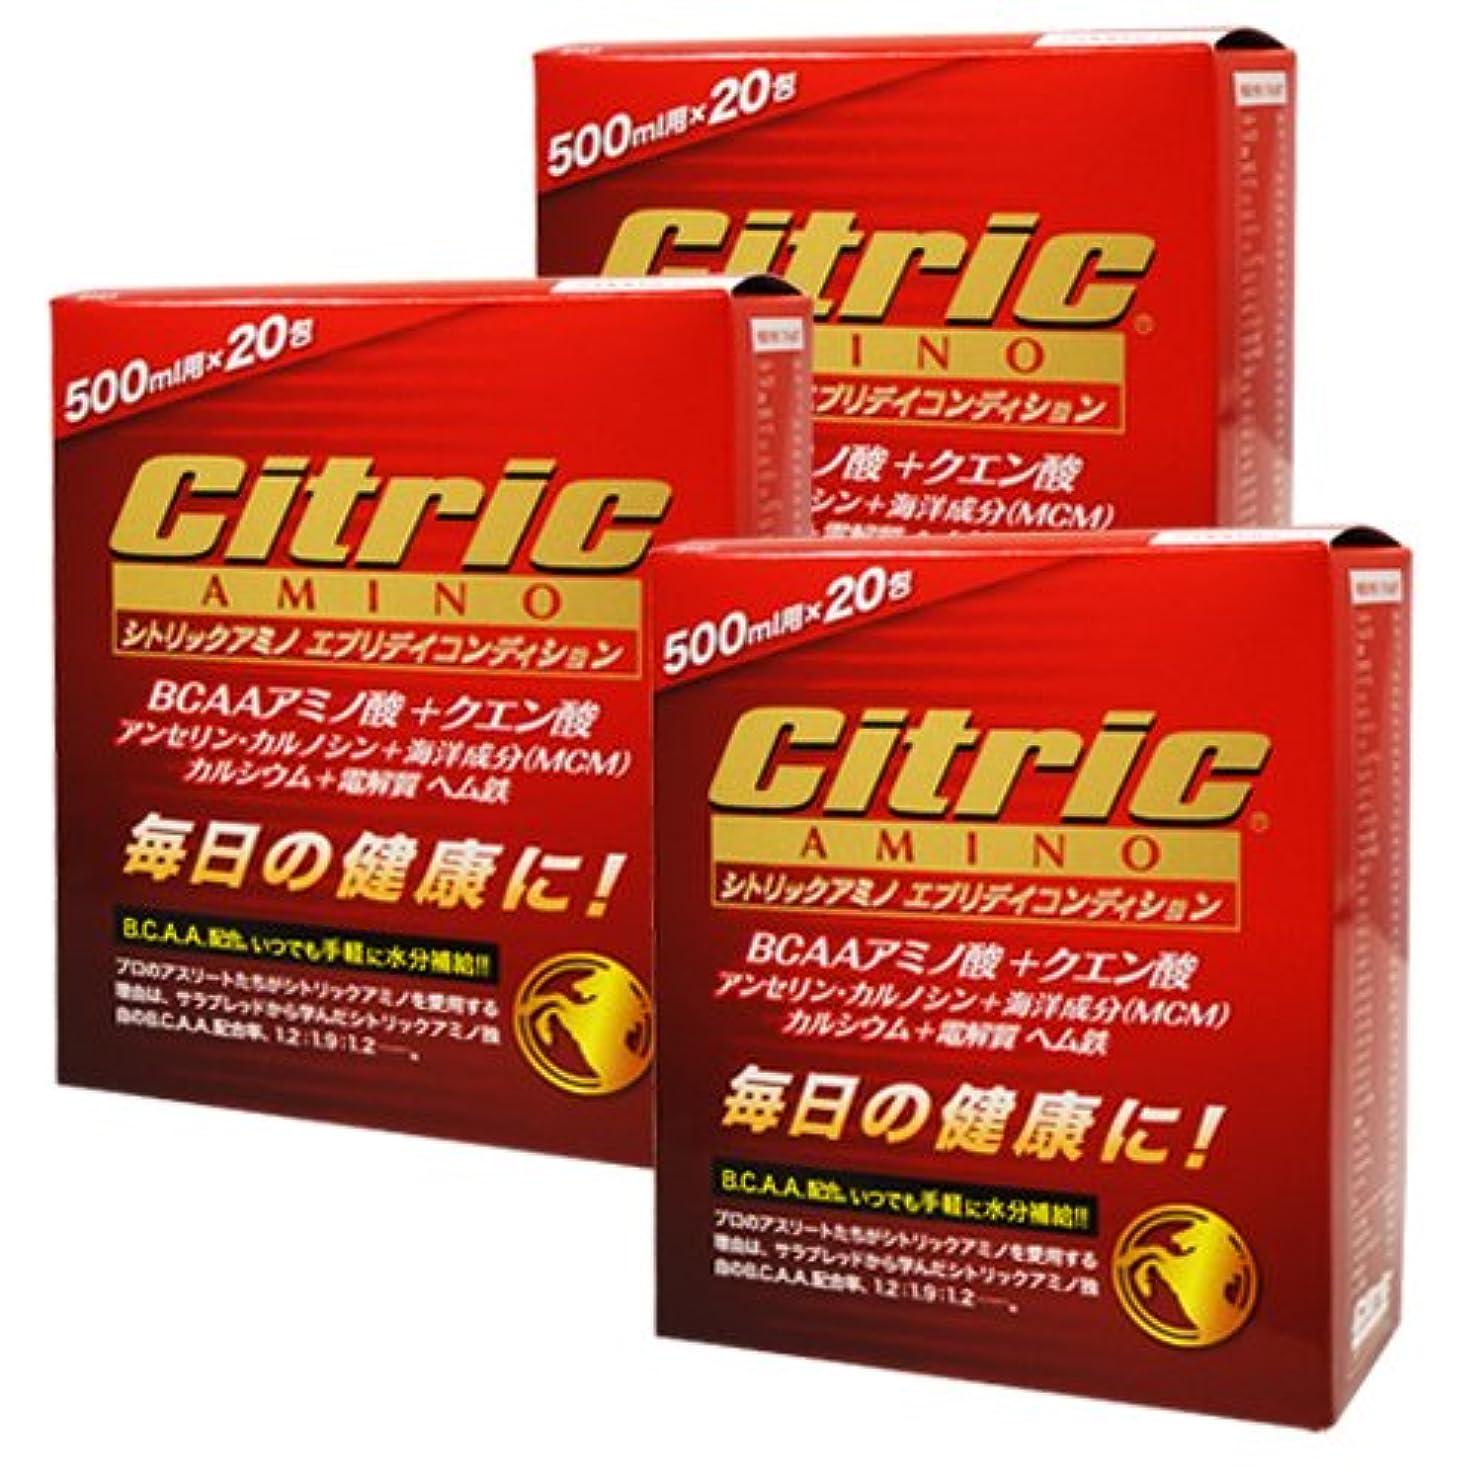 バン音節ご注意シトリックアミノ エブリデイコンディション 120g(6g×20包)×3箱